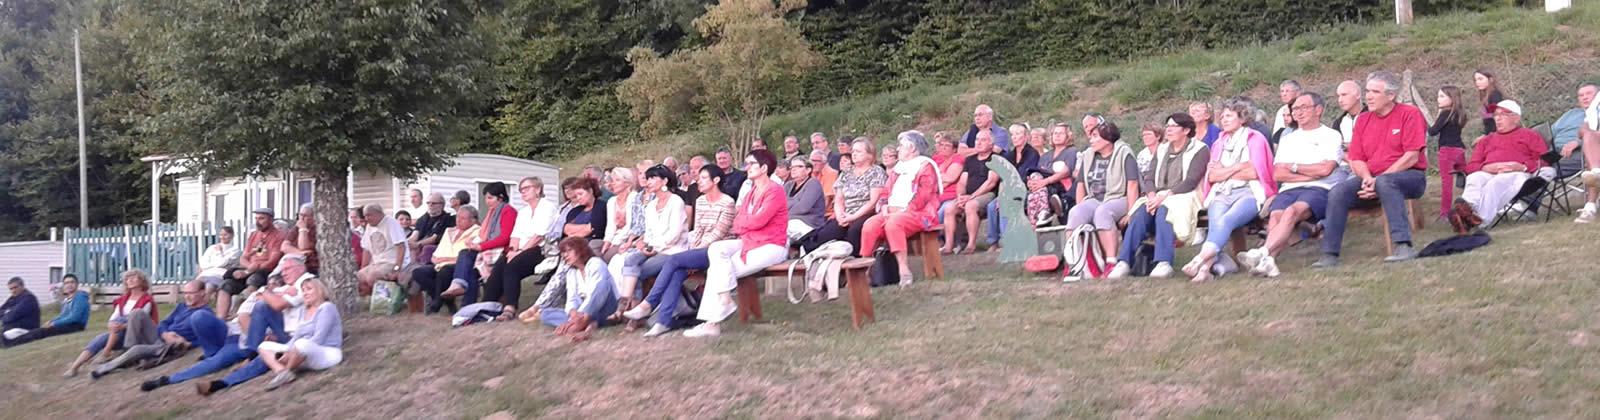 Public au concert du camping Leignec